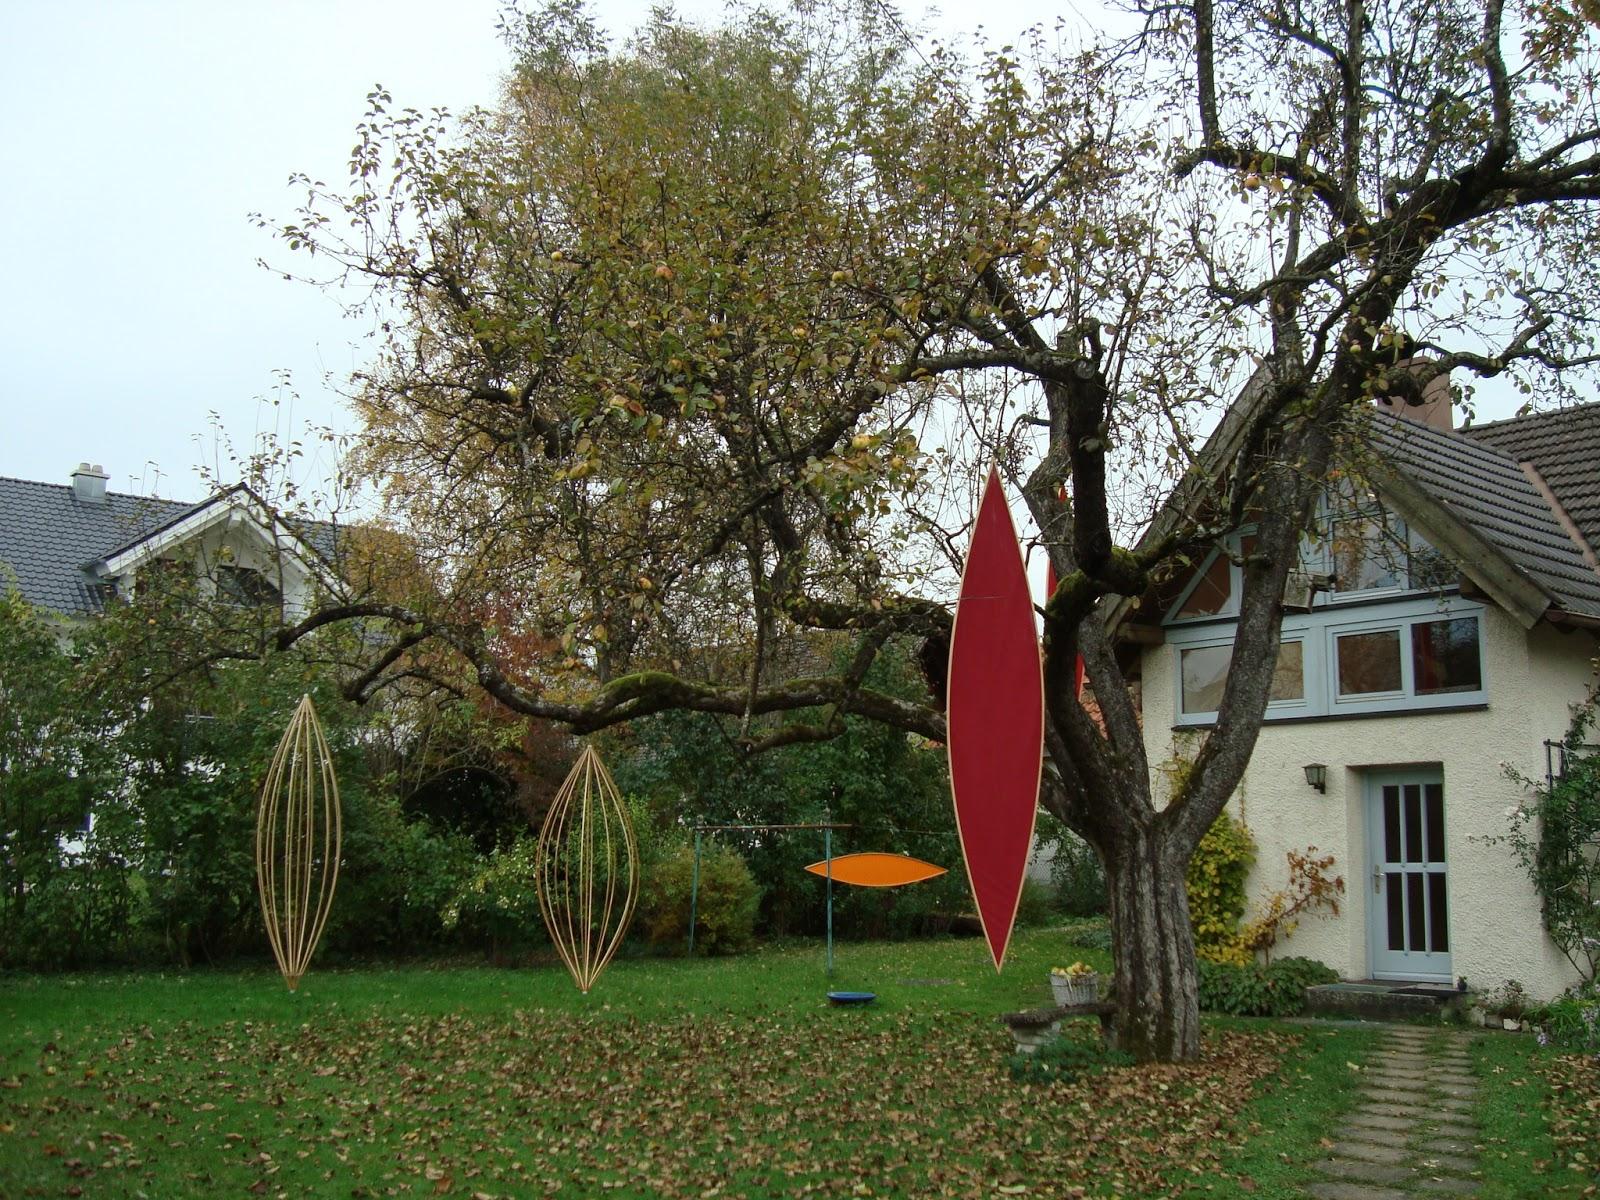 Galerie auf zeit weilheimer ateliertage max mirlach - Windsegel garten ...